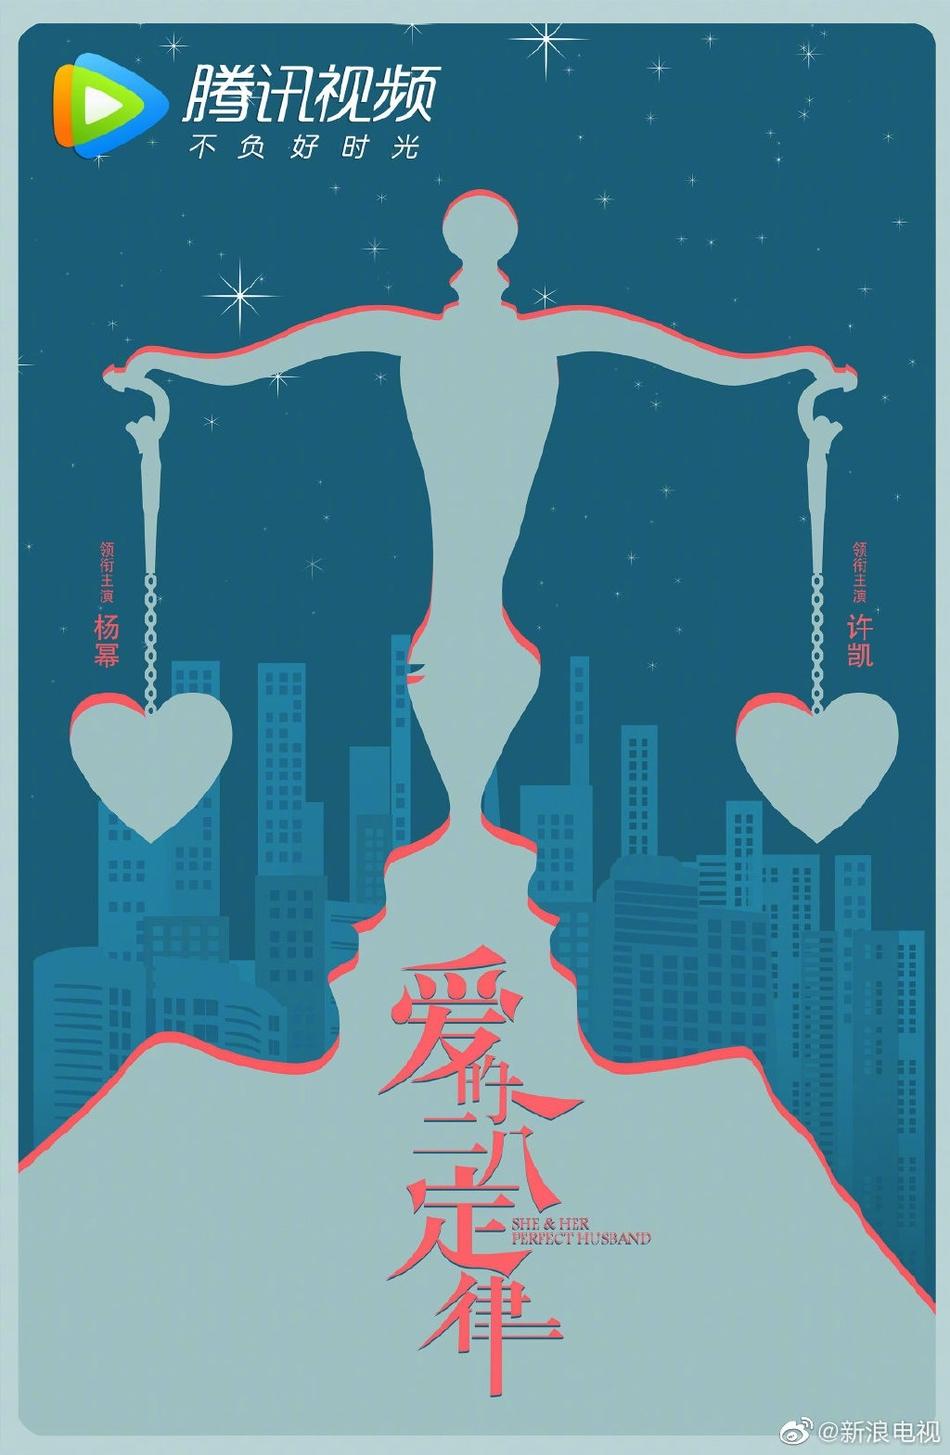 Khai máy 'Định luật 80/20 của tình yêu', Dương Mịch 'sánh duyên' cùng trai trẻ Hứa Khải